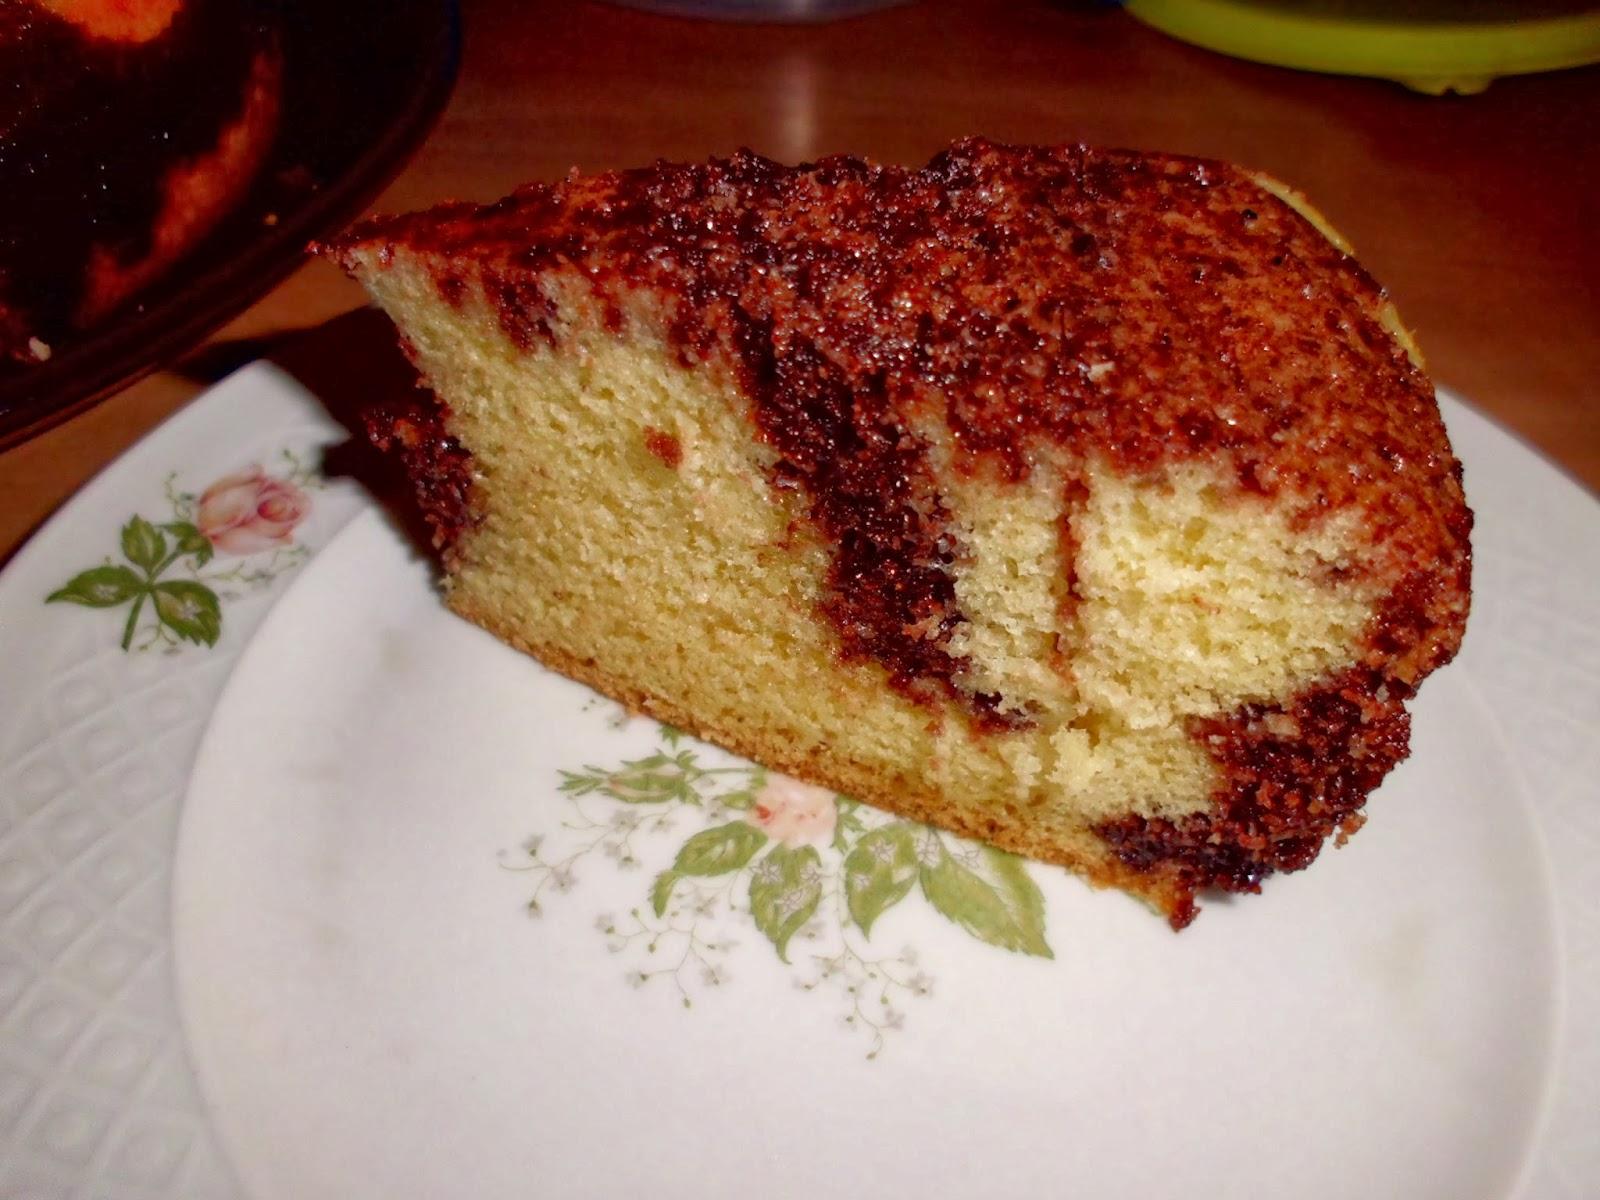 Бисквитный торт в мультиварке очень вкусный и простой рецепт